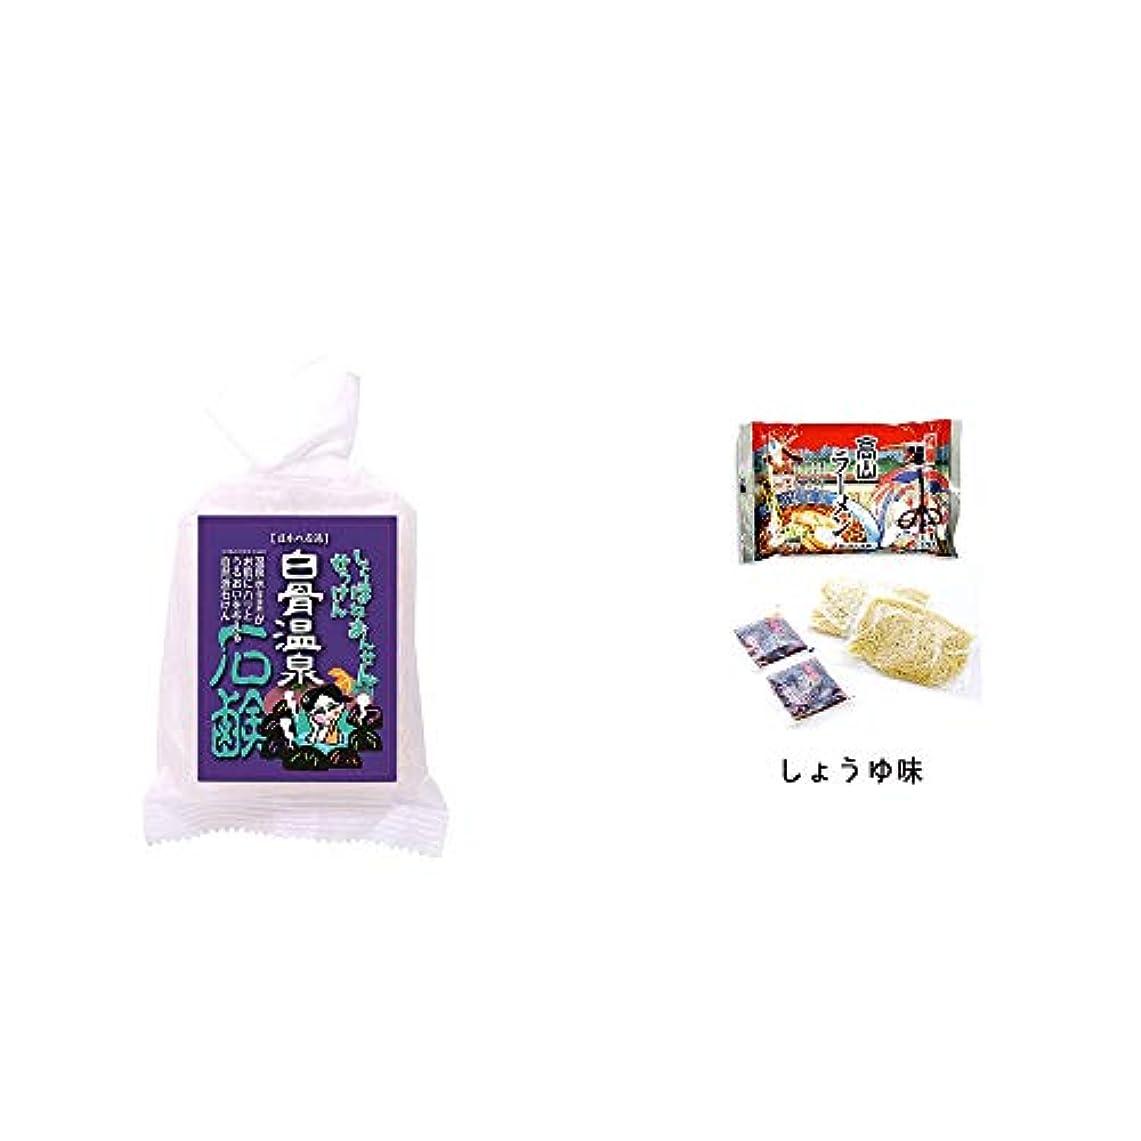 観光シニス充実[2点セット] 信州 白骨温泉石鹸(80g)?飛騨高山ラーメン[生麺?スープ付 (しょうゆ味)]